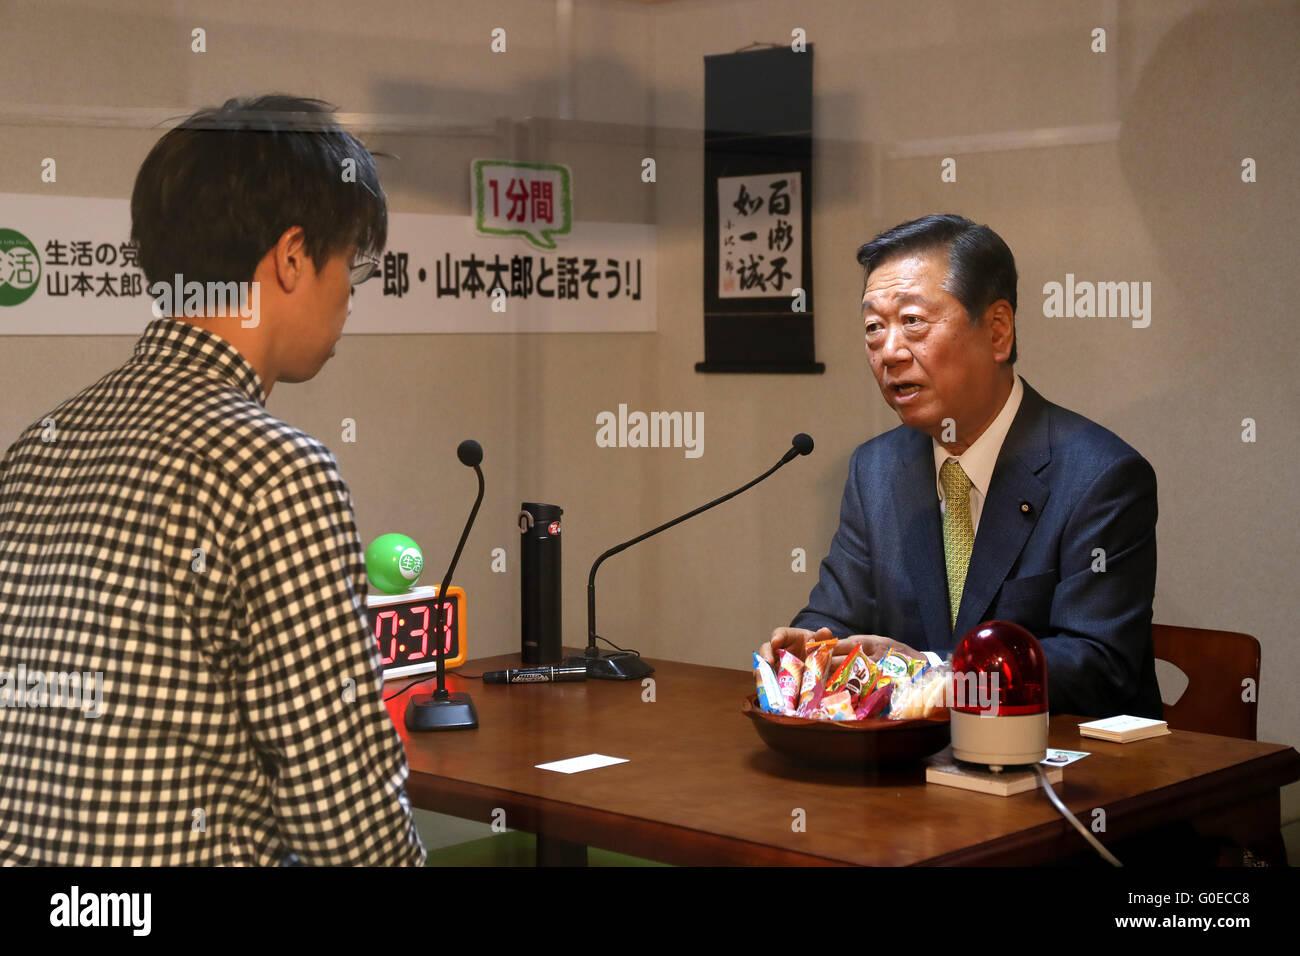 Chiba, Japón. 30 abr, 2016. La oposición de Japón la vida del líder del Partido Ichiro Ozawa tiene diálogo con un visitante durante el Niconico Chokaigi en Chiba el sábado, 30 de abril de 2016. Unos 150.000 visitantes disfrutaron más de 100 cabinas incluyendo juegos, aficiones, deportes, política, así como el Japón sub culturas en los dos días de reunión offline patrocinado por Japón para compartir vídeo del sitio web 'Niconico Douga'. © Yoshio Tsunoda/AFLO/Alamy Live News Foto de stock